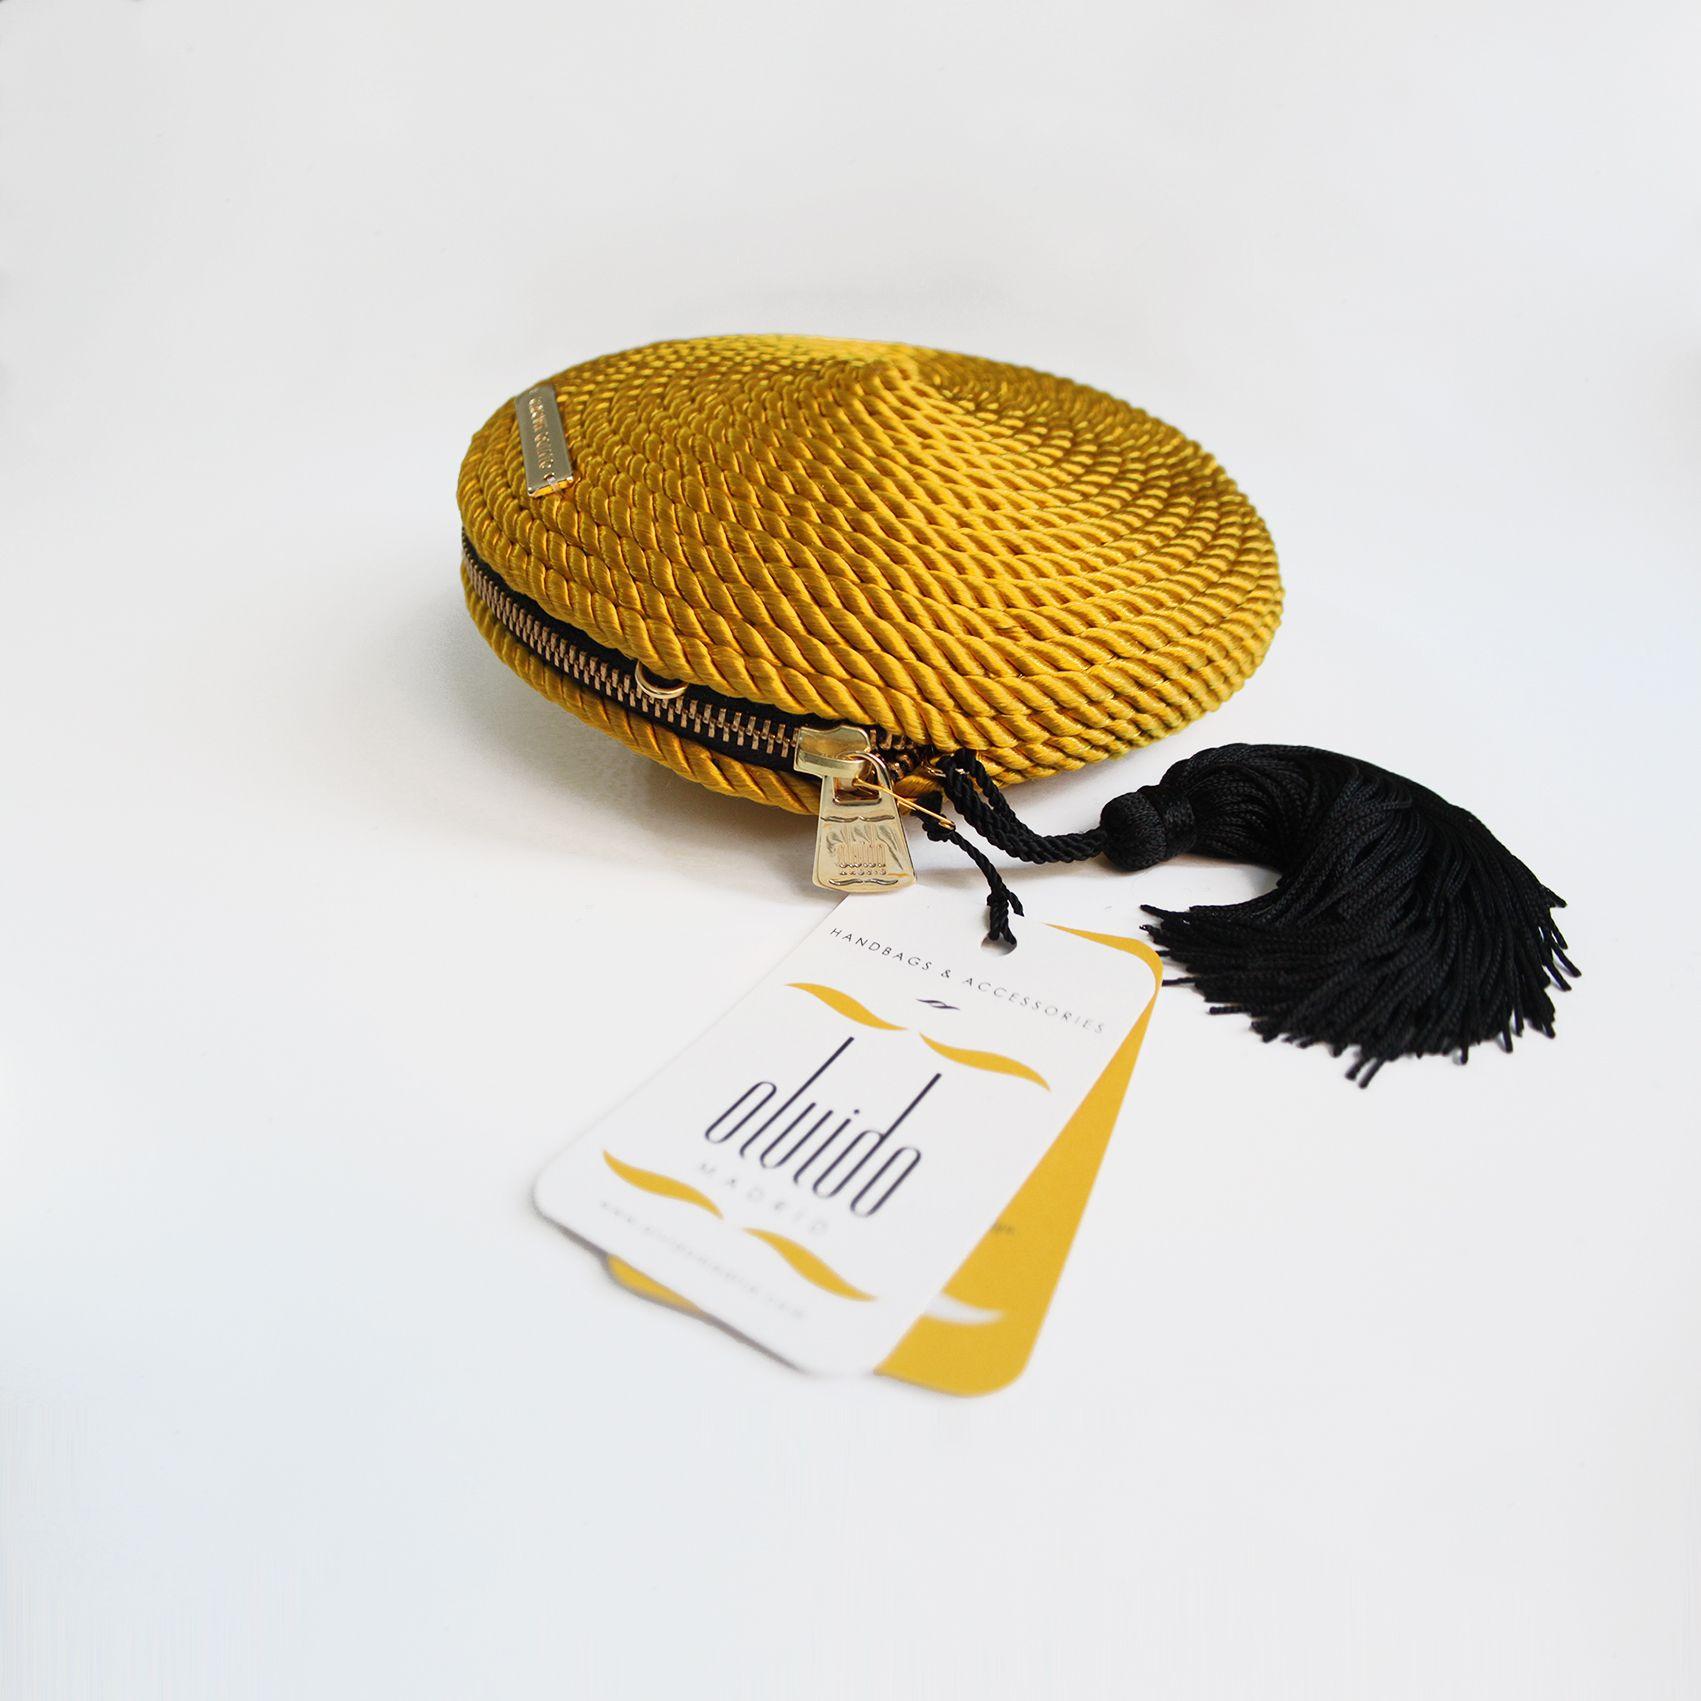 ● Bolso de fiesta hecho en cordón de seda | Modelo Olivia amarillo vintage | Diseños OLVIDO MADRID | www.olvidomadrid.es